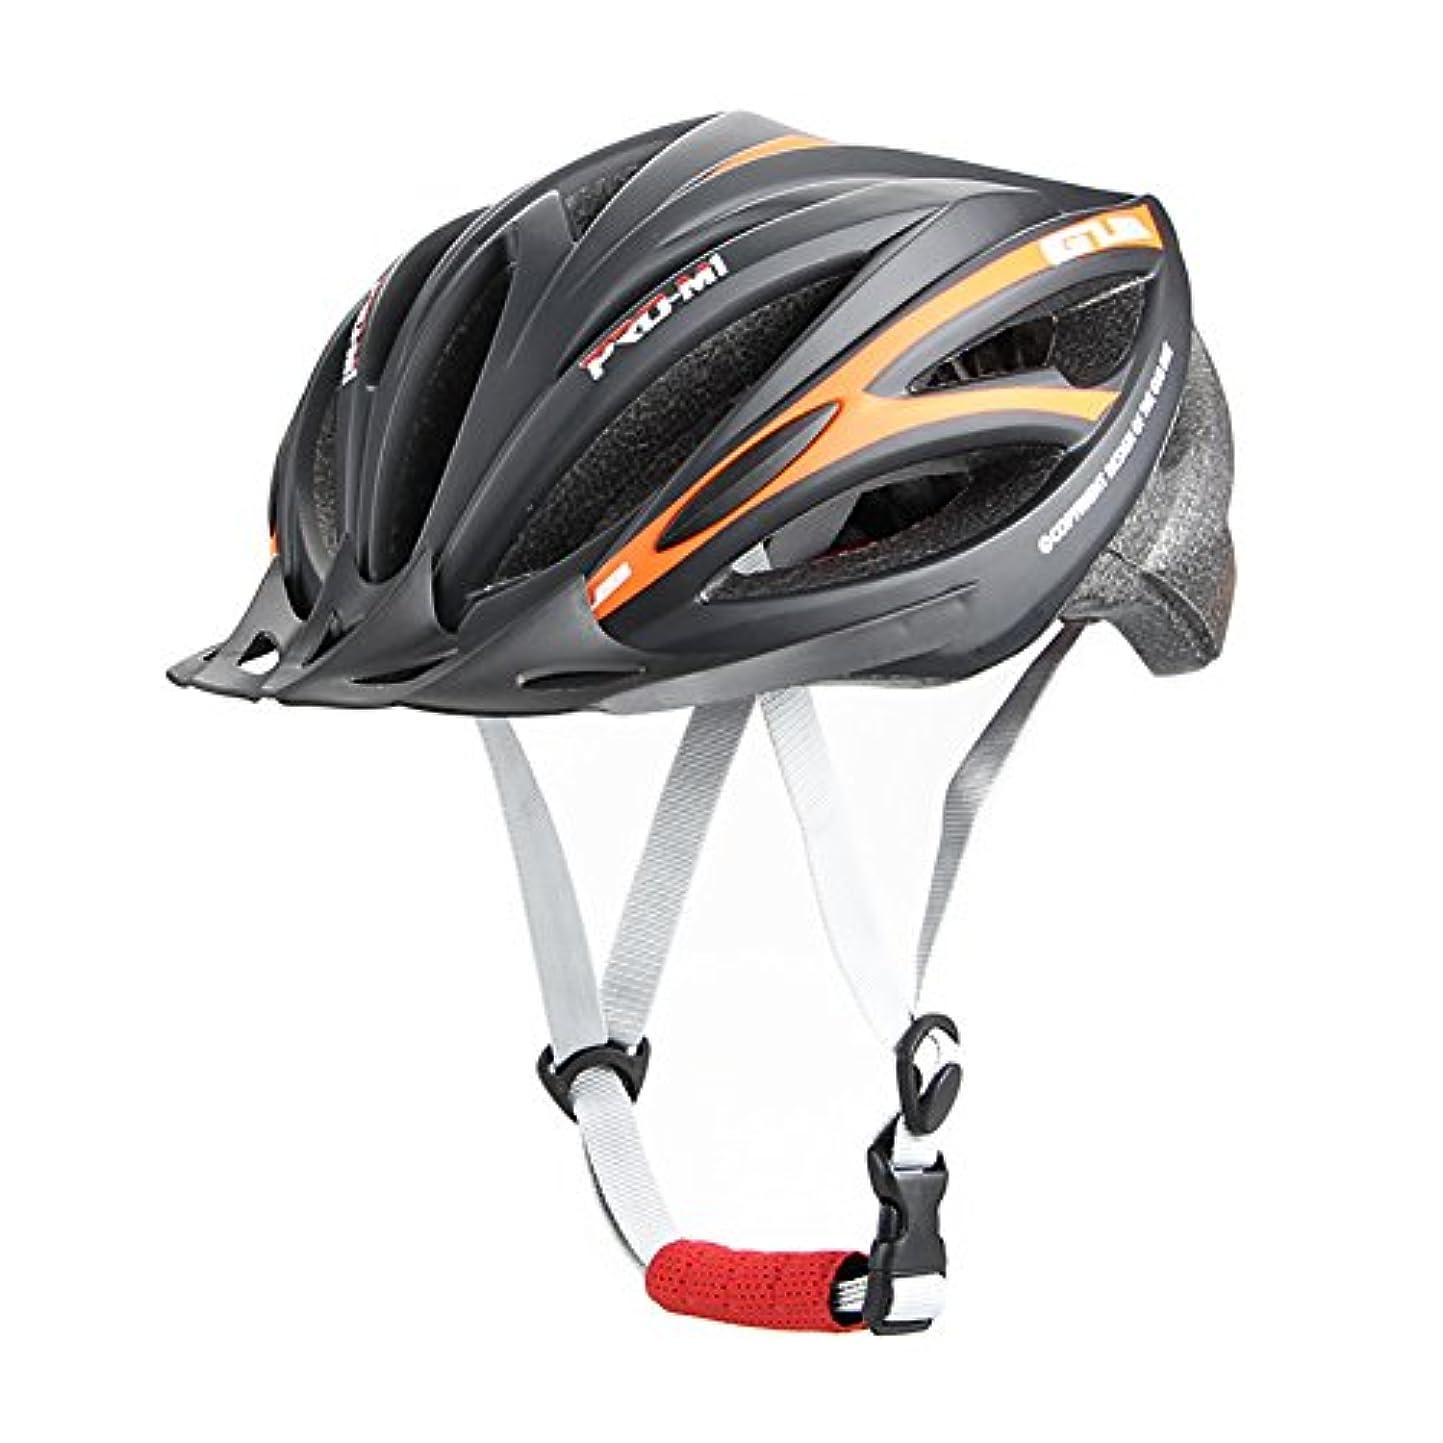 支払い着飾る静かにハイウェイマウンテンライディングヘルメットメンズ軽量通気ヘルメット超軽量ヘルメット重量:0.41 kg